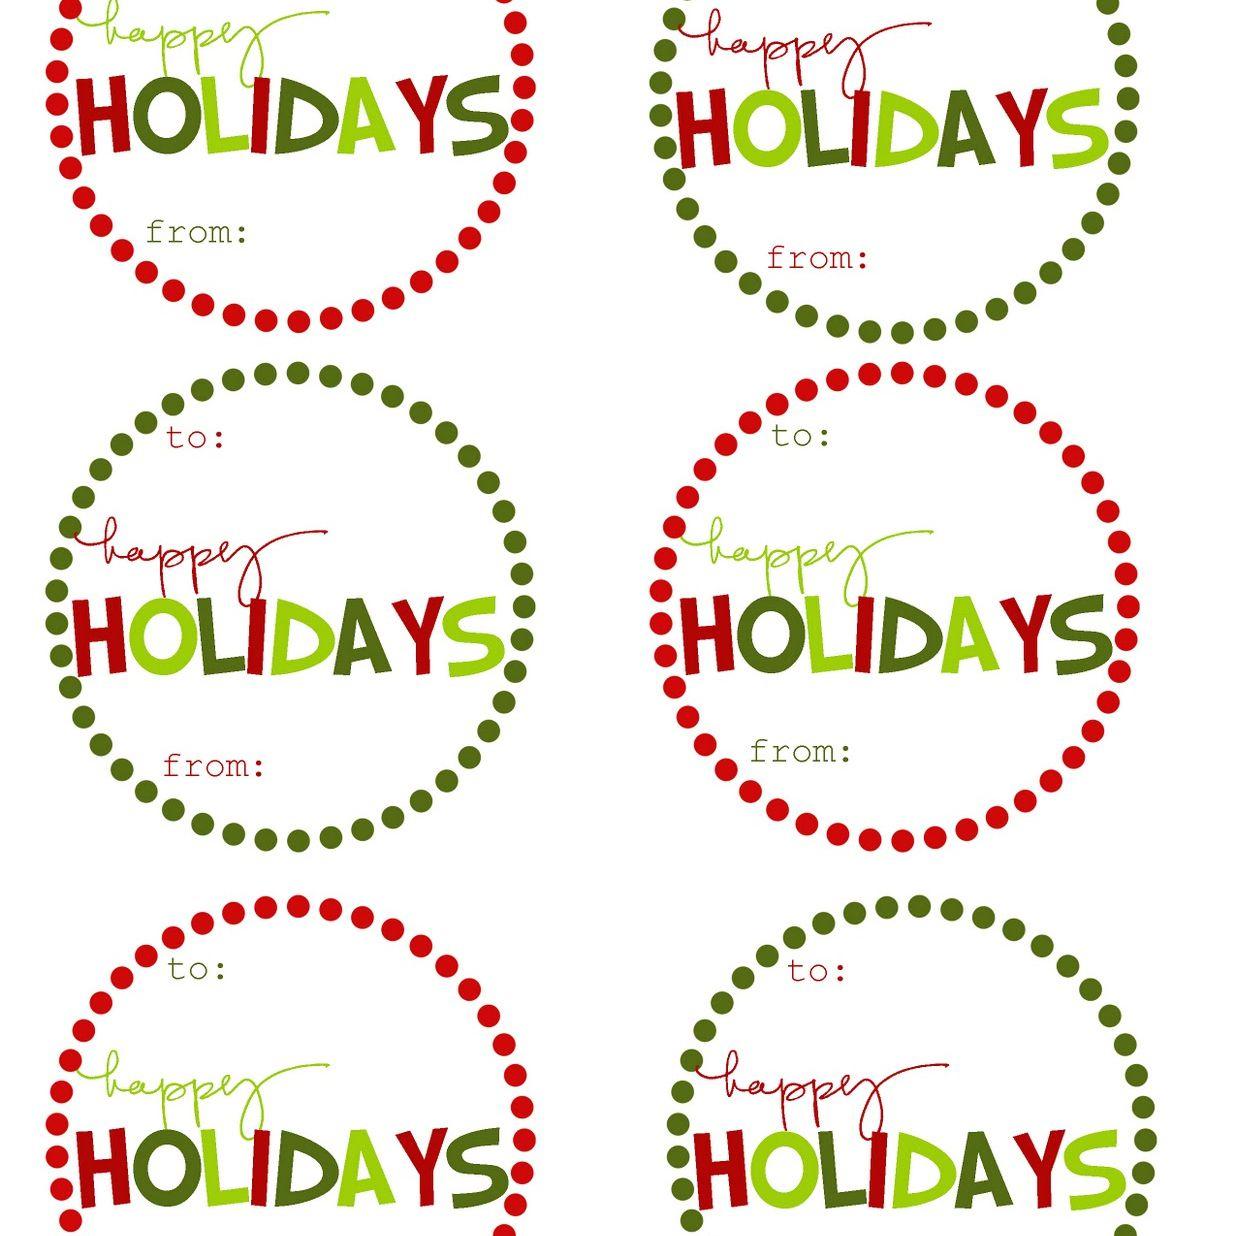 40 Sets Of Free Printable Christmas Gift Tags - Free Printable Christmas Food Labels